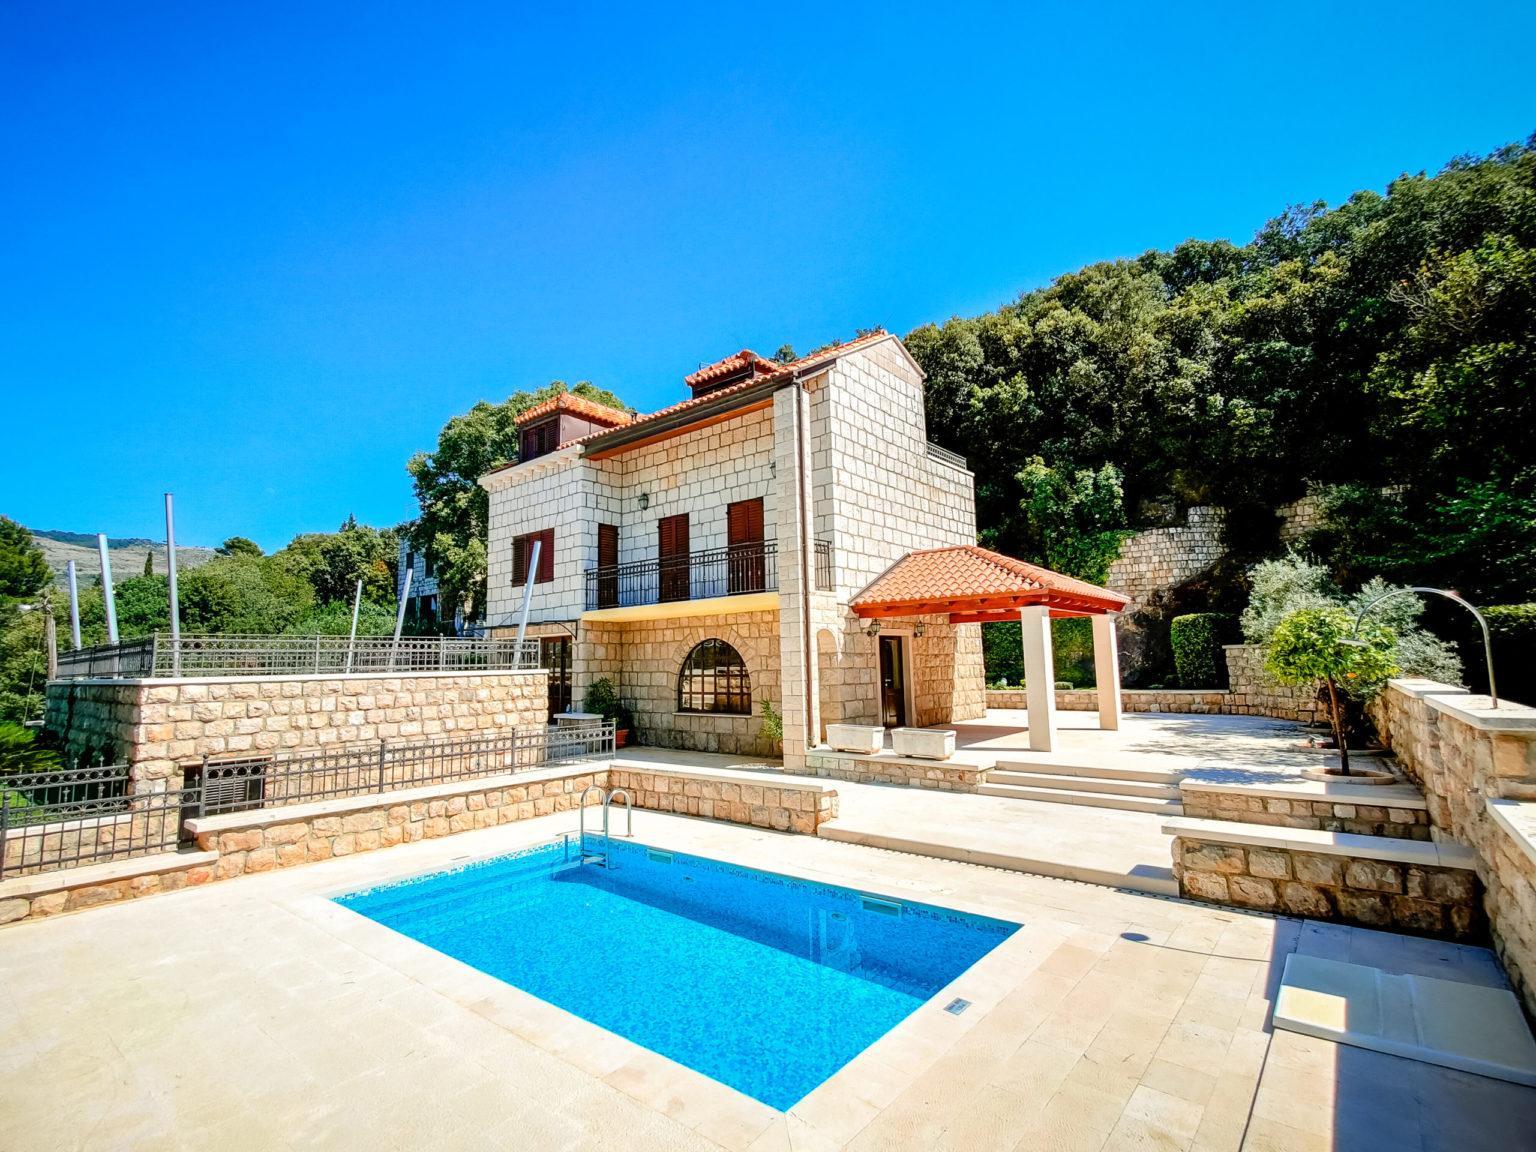 hochzeitslocation location Kroatien hochzeit heiraten 4 scaled - Villa am Meer